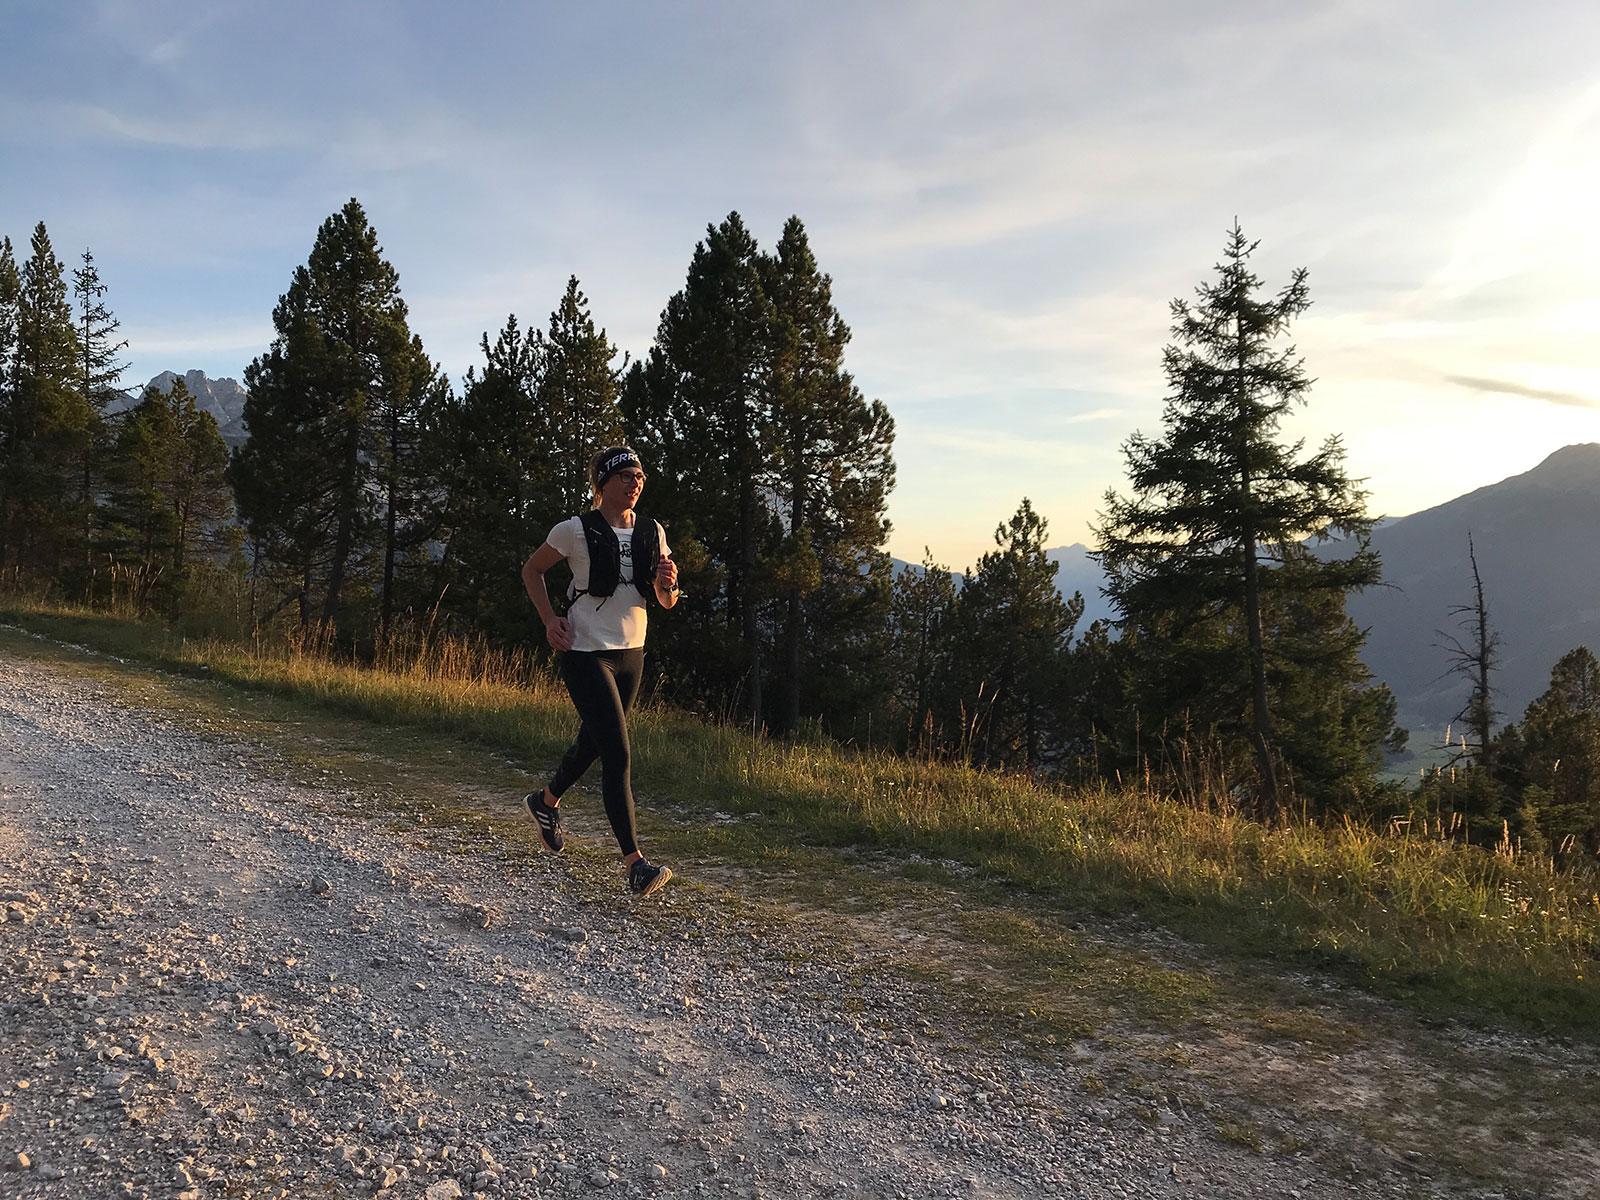 Joana_Schmidtjansen_Rumpeldipumpel_Trailrunning_01